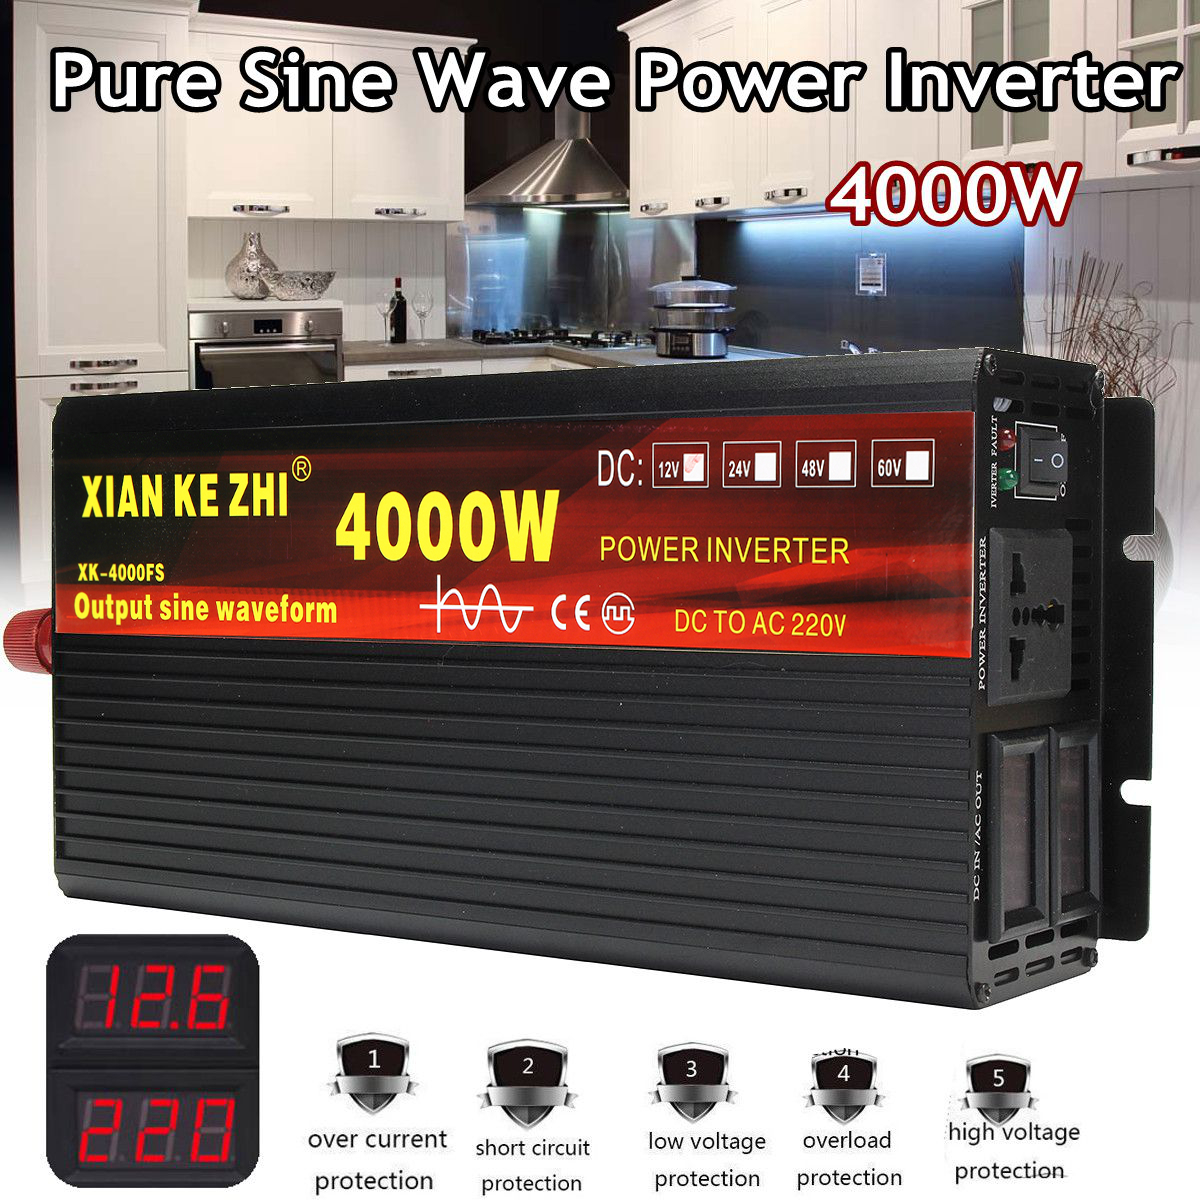 Car Inverter 12V/24V 220V 3000/4000W Voltage transformer Pure Sine Wave Power Inverter DC12V to AC 220V Converter+2 LED Display(China)